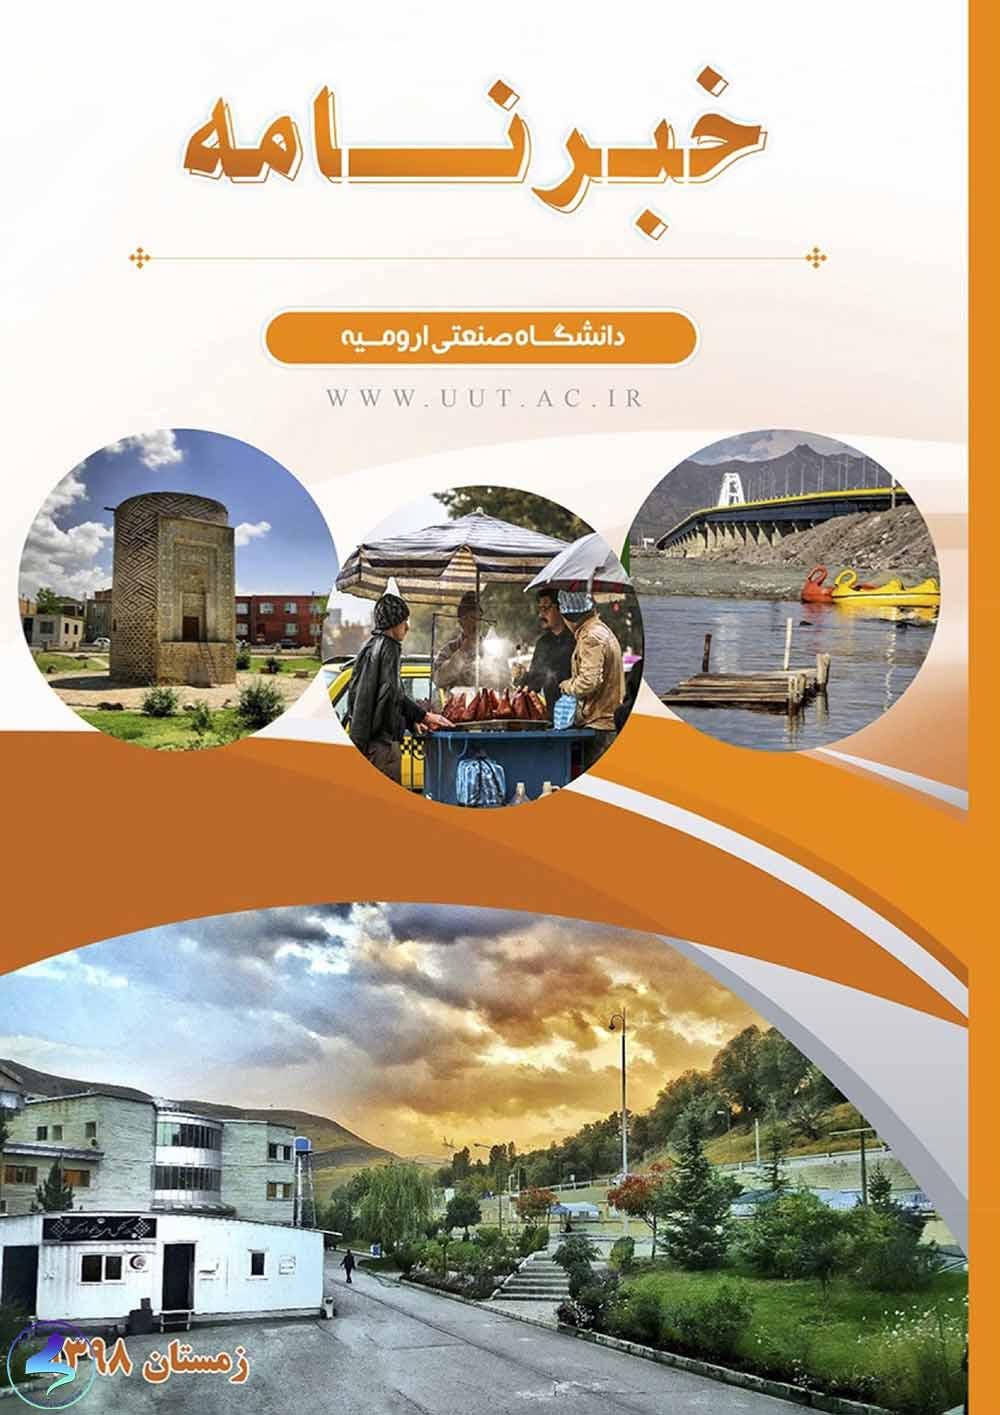 دومین فصلنامه خبری دانشگاه صنعتی ارومیه